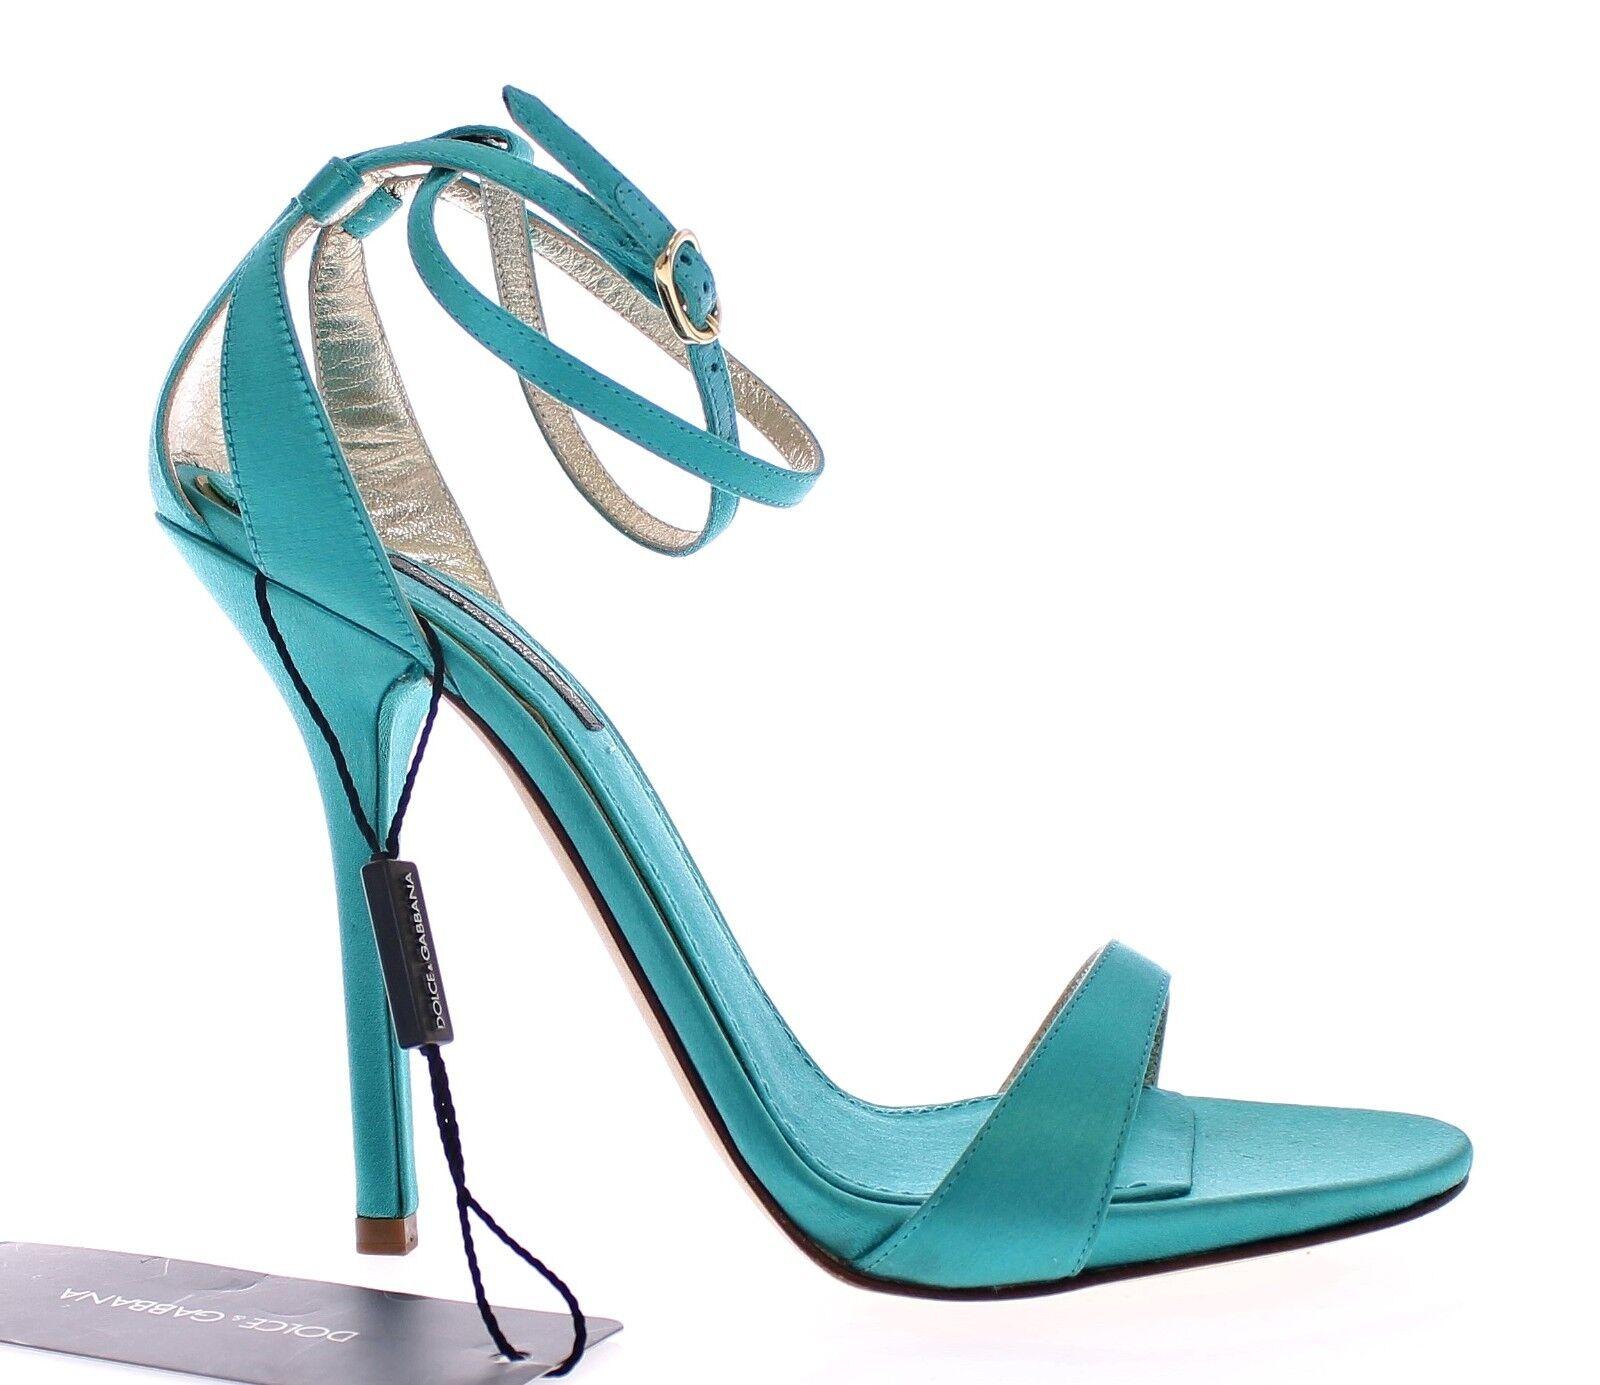 NEW  680 DOLCE & GABBANA Blue Blue GABBANA Silk Ankle Strap Sandals Heels Shoes EU40 / US9.5 28e503